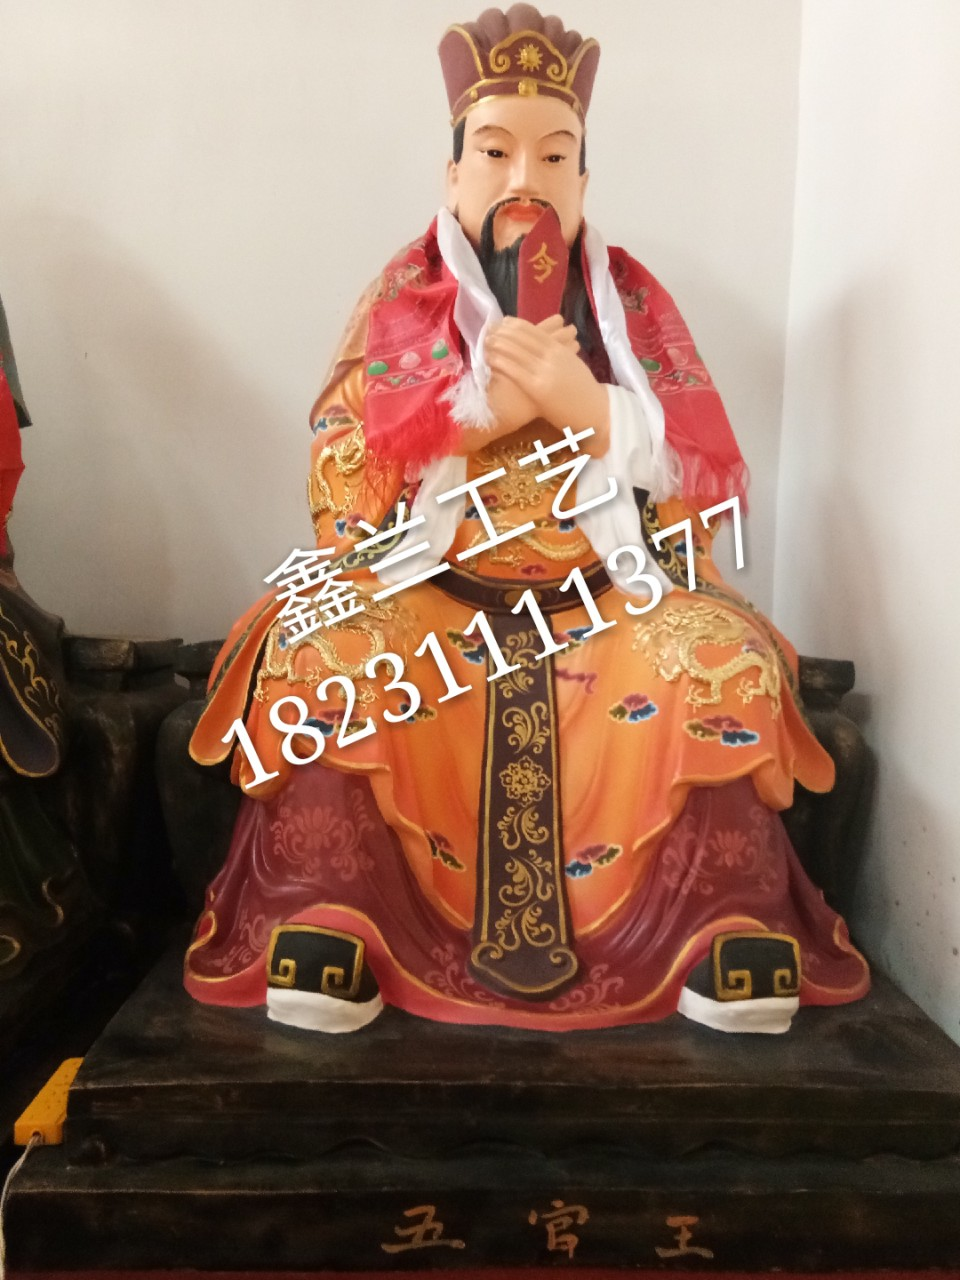 五官王为冥界十王之第四王、此王之本地为普贤菩萨玻璃钢雕塑